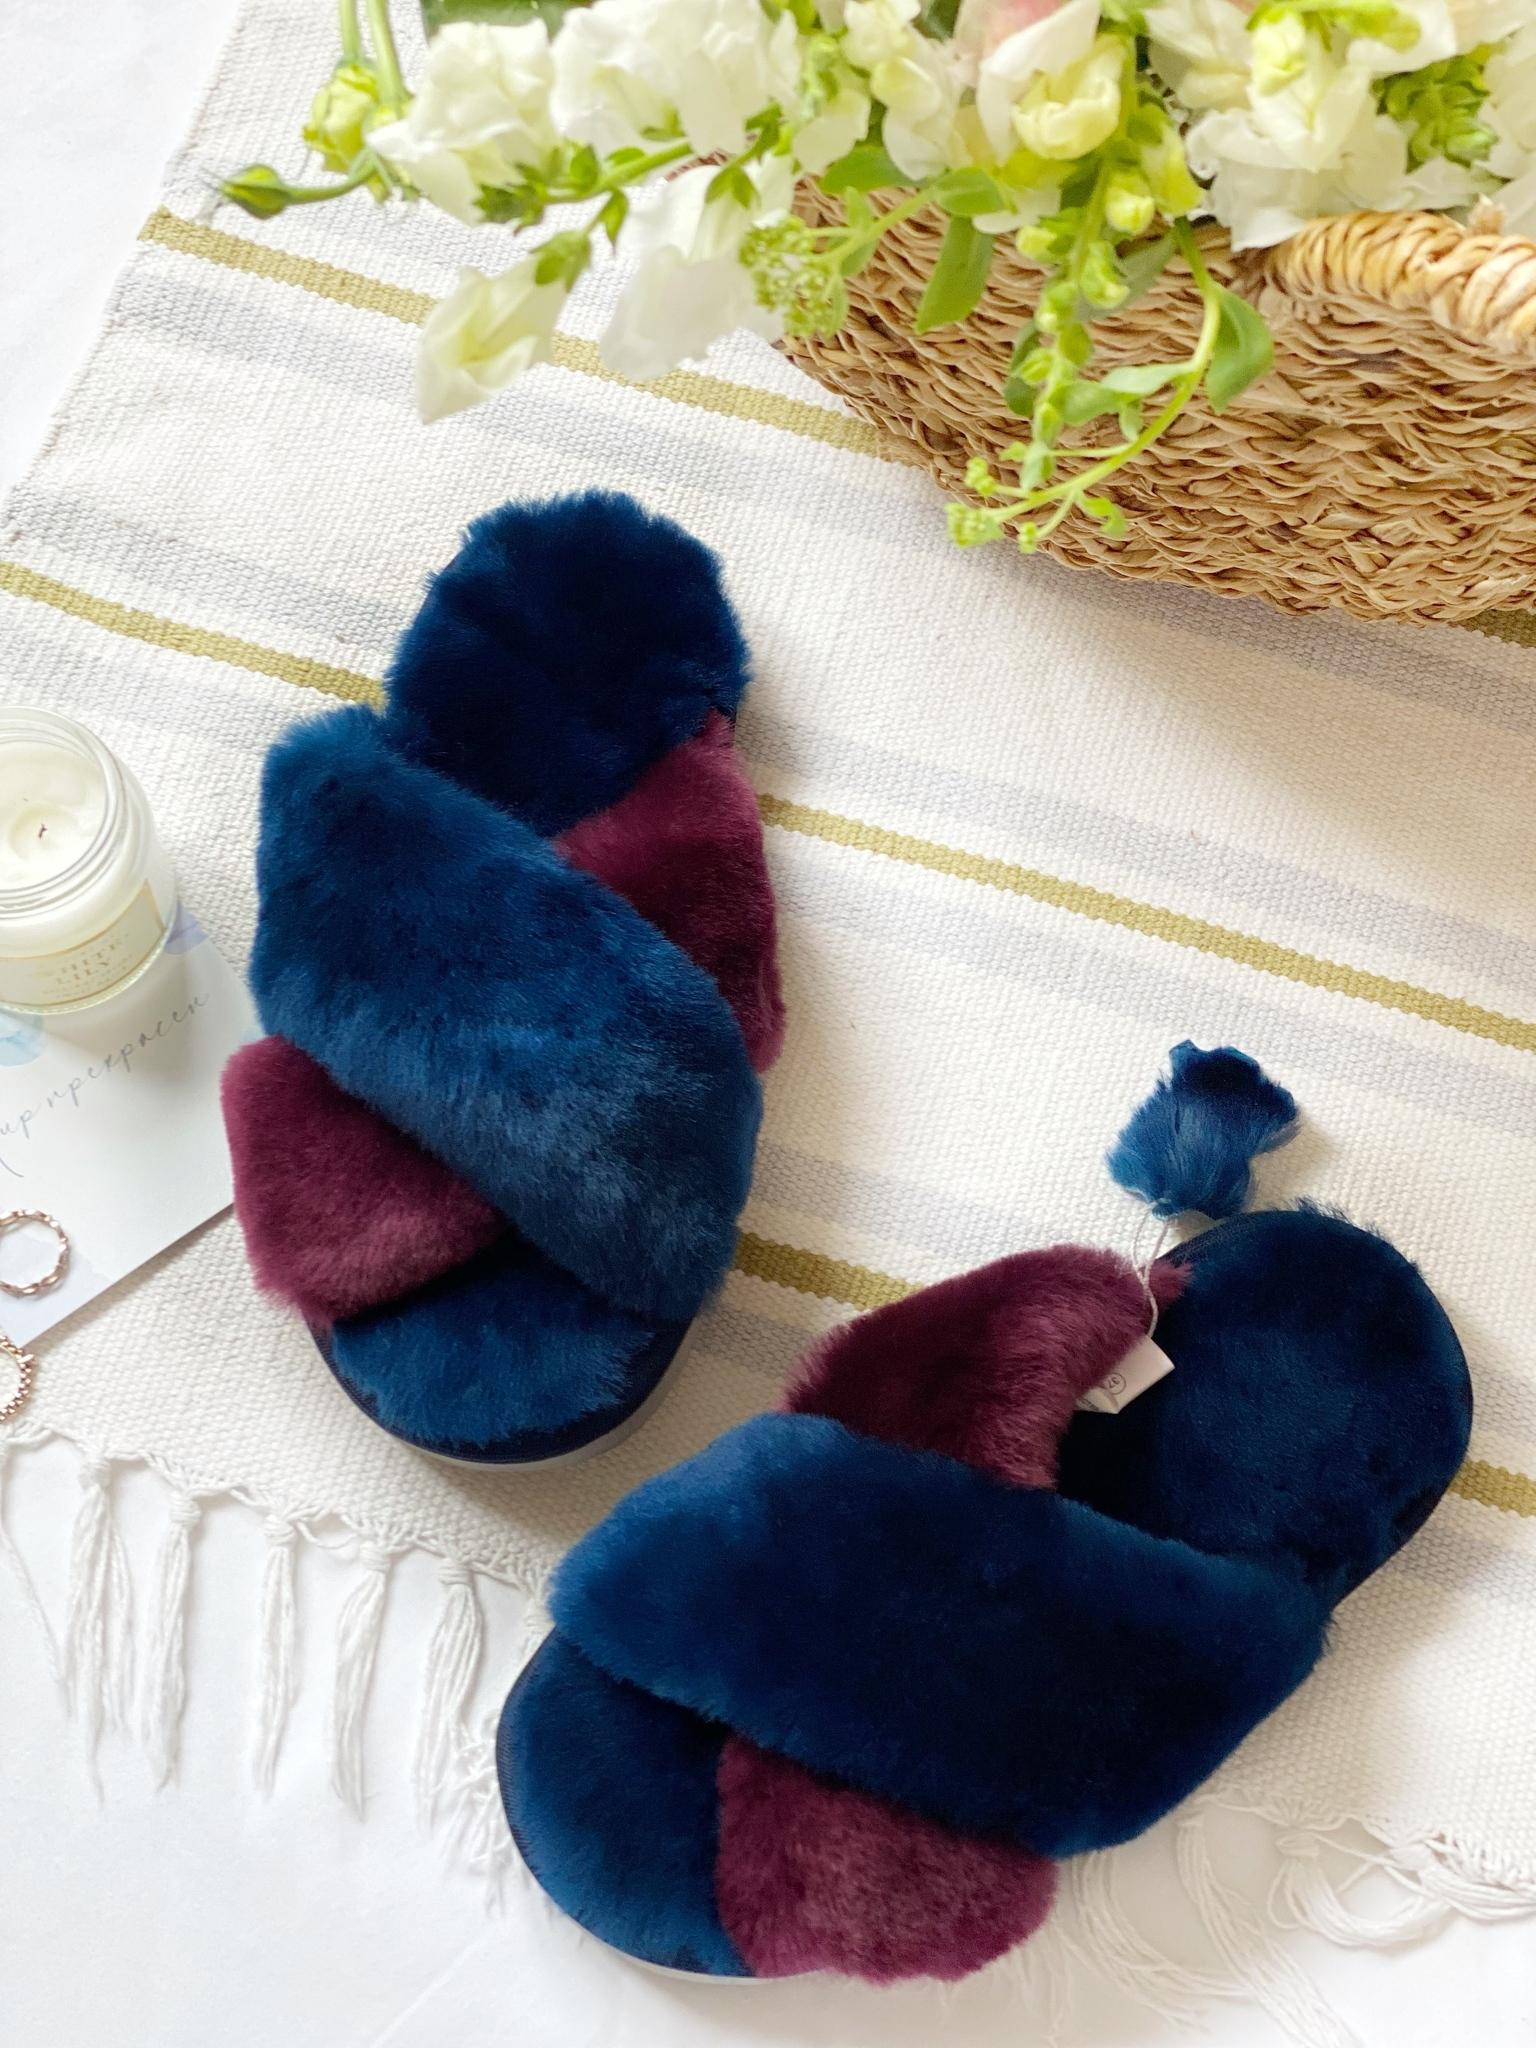 Меховые тапочки сапфировые с перекрестными шлейками контрастными (сапфировый+пурпурный) (из наличия)